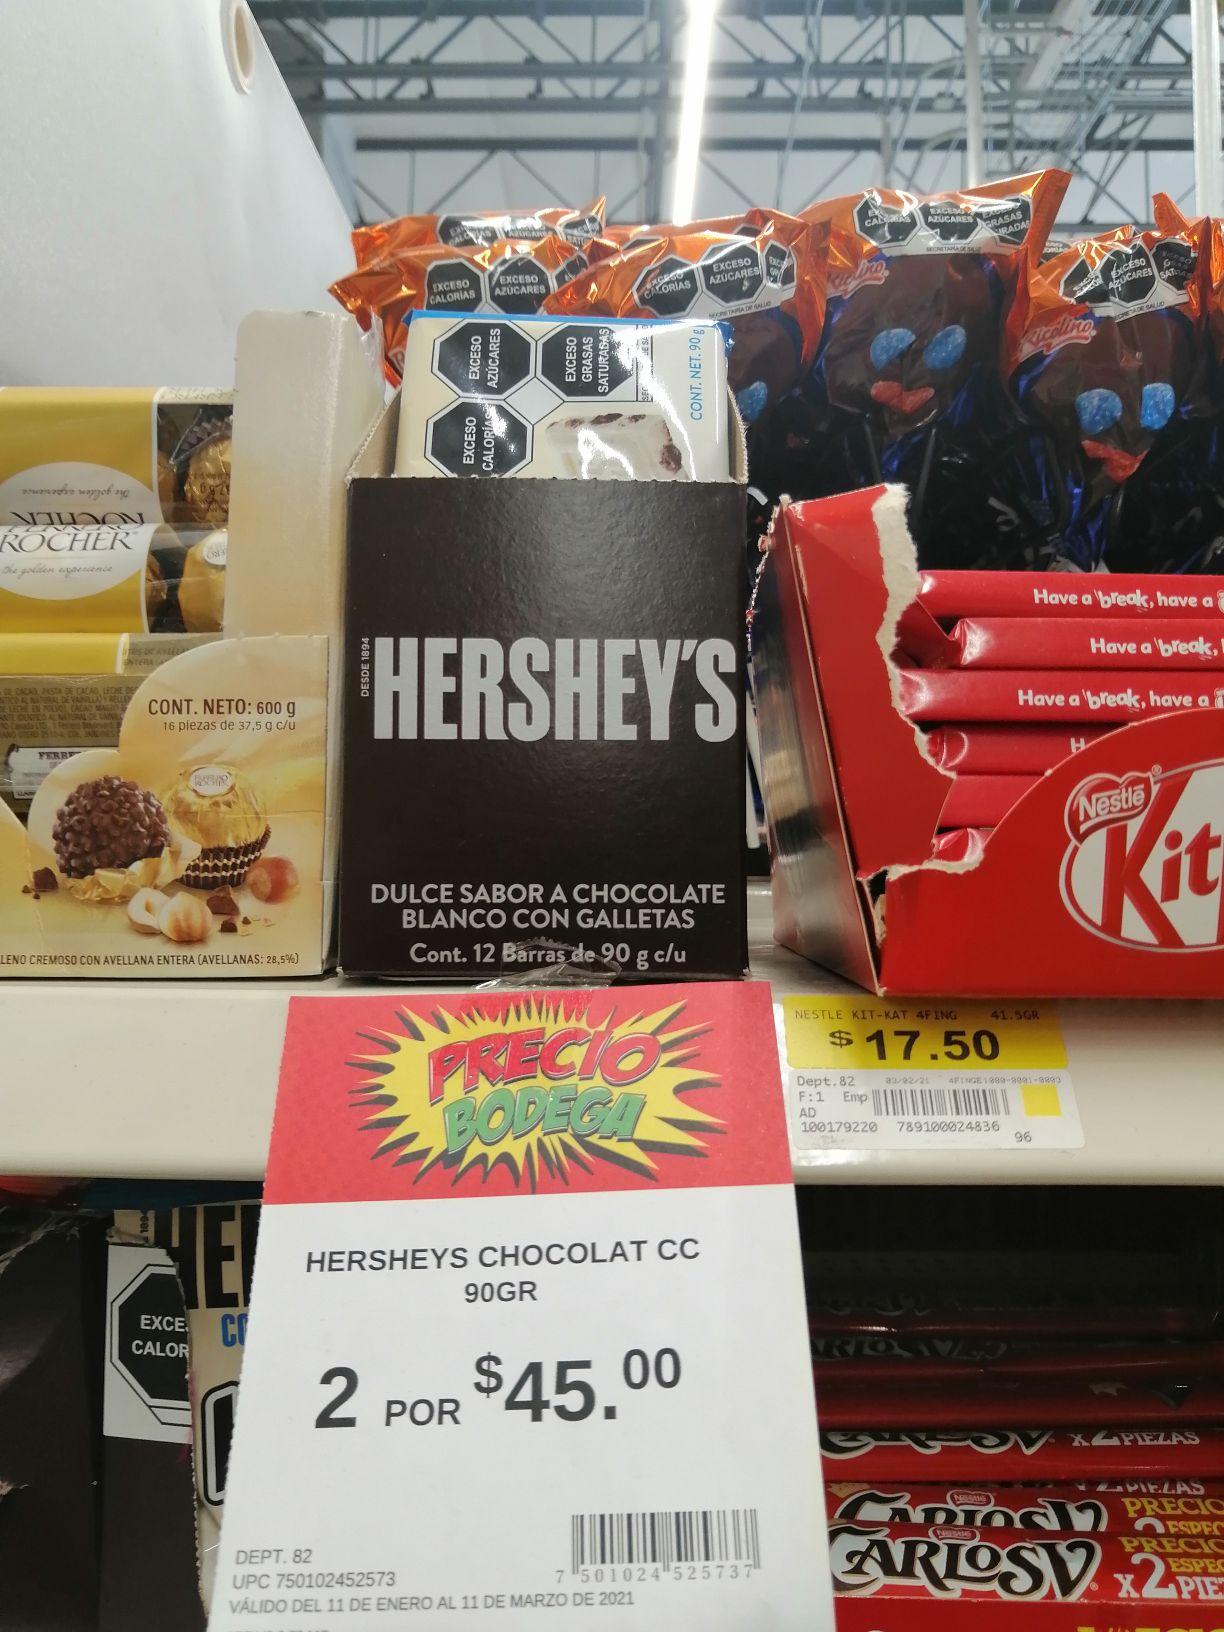 Bodega Aurrera: Chocolate herseys